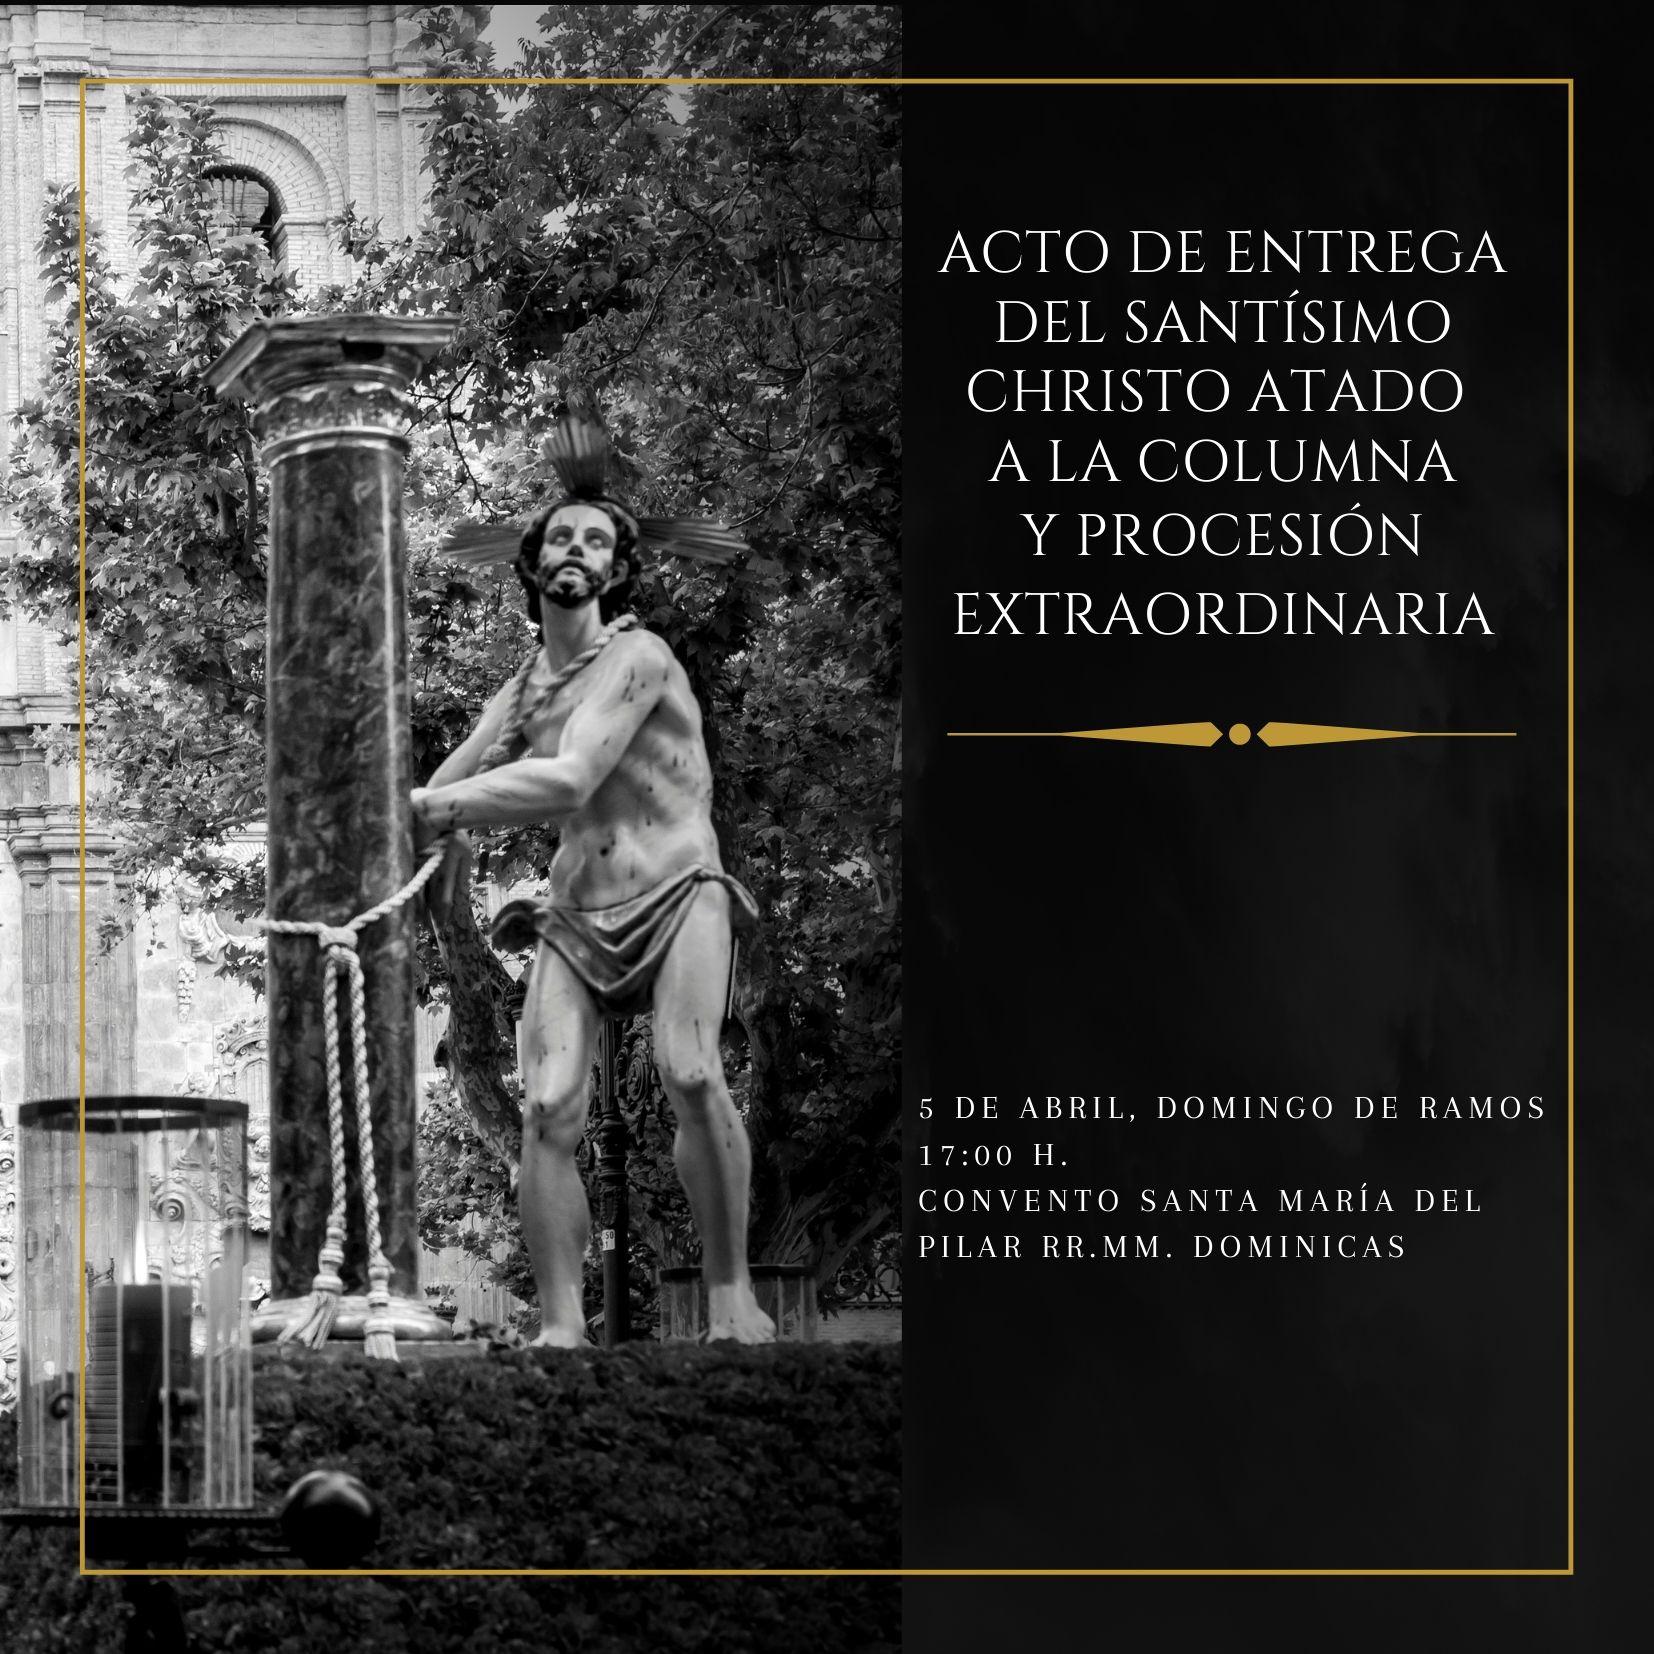 Acto De Entrega Del Santísimo Christo Atado A La Columna Y Procesión Extraordinaria